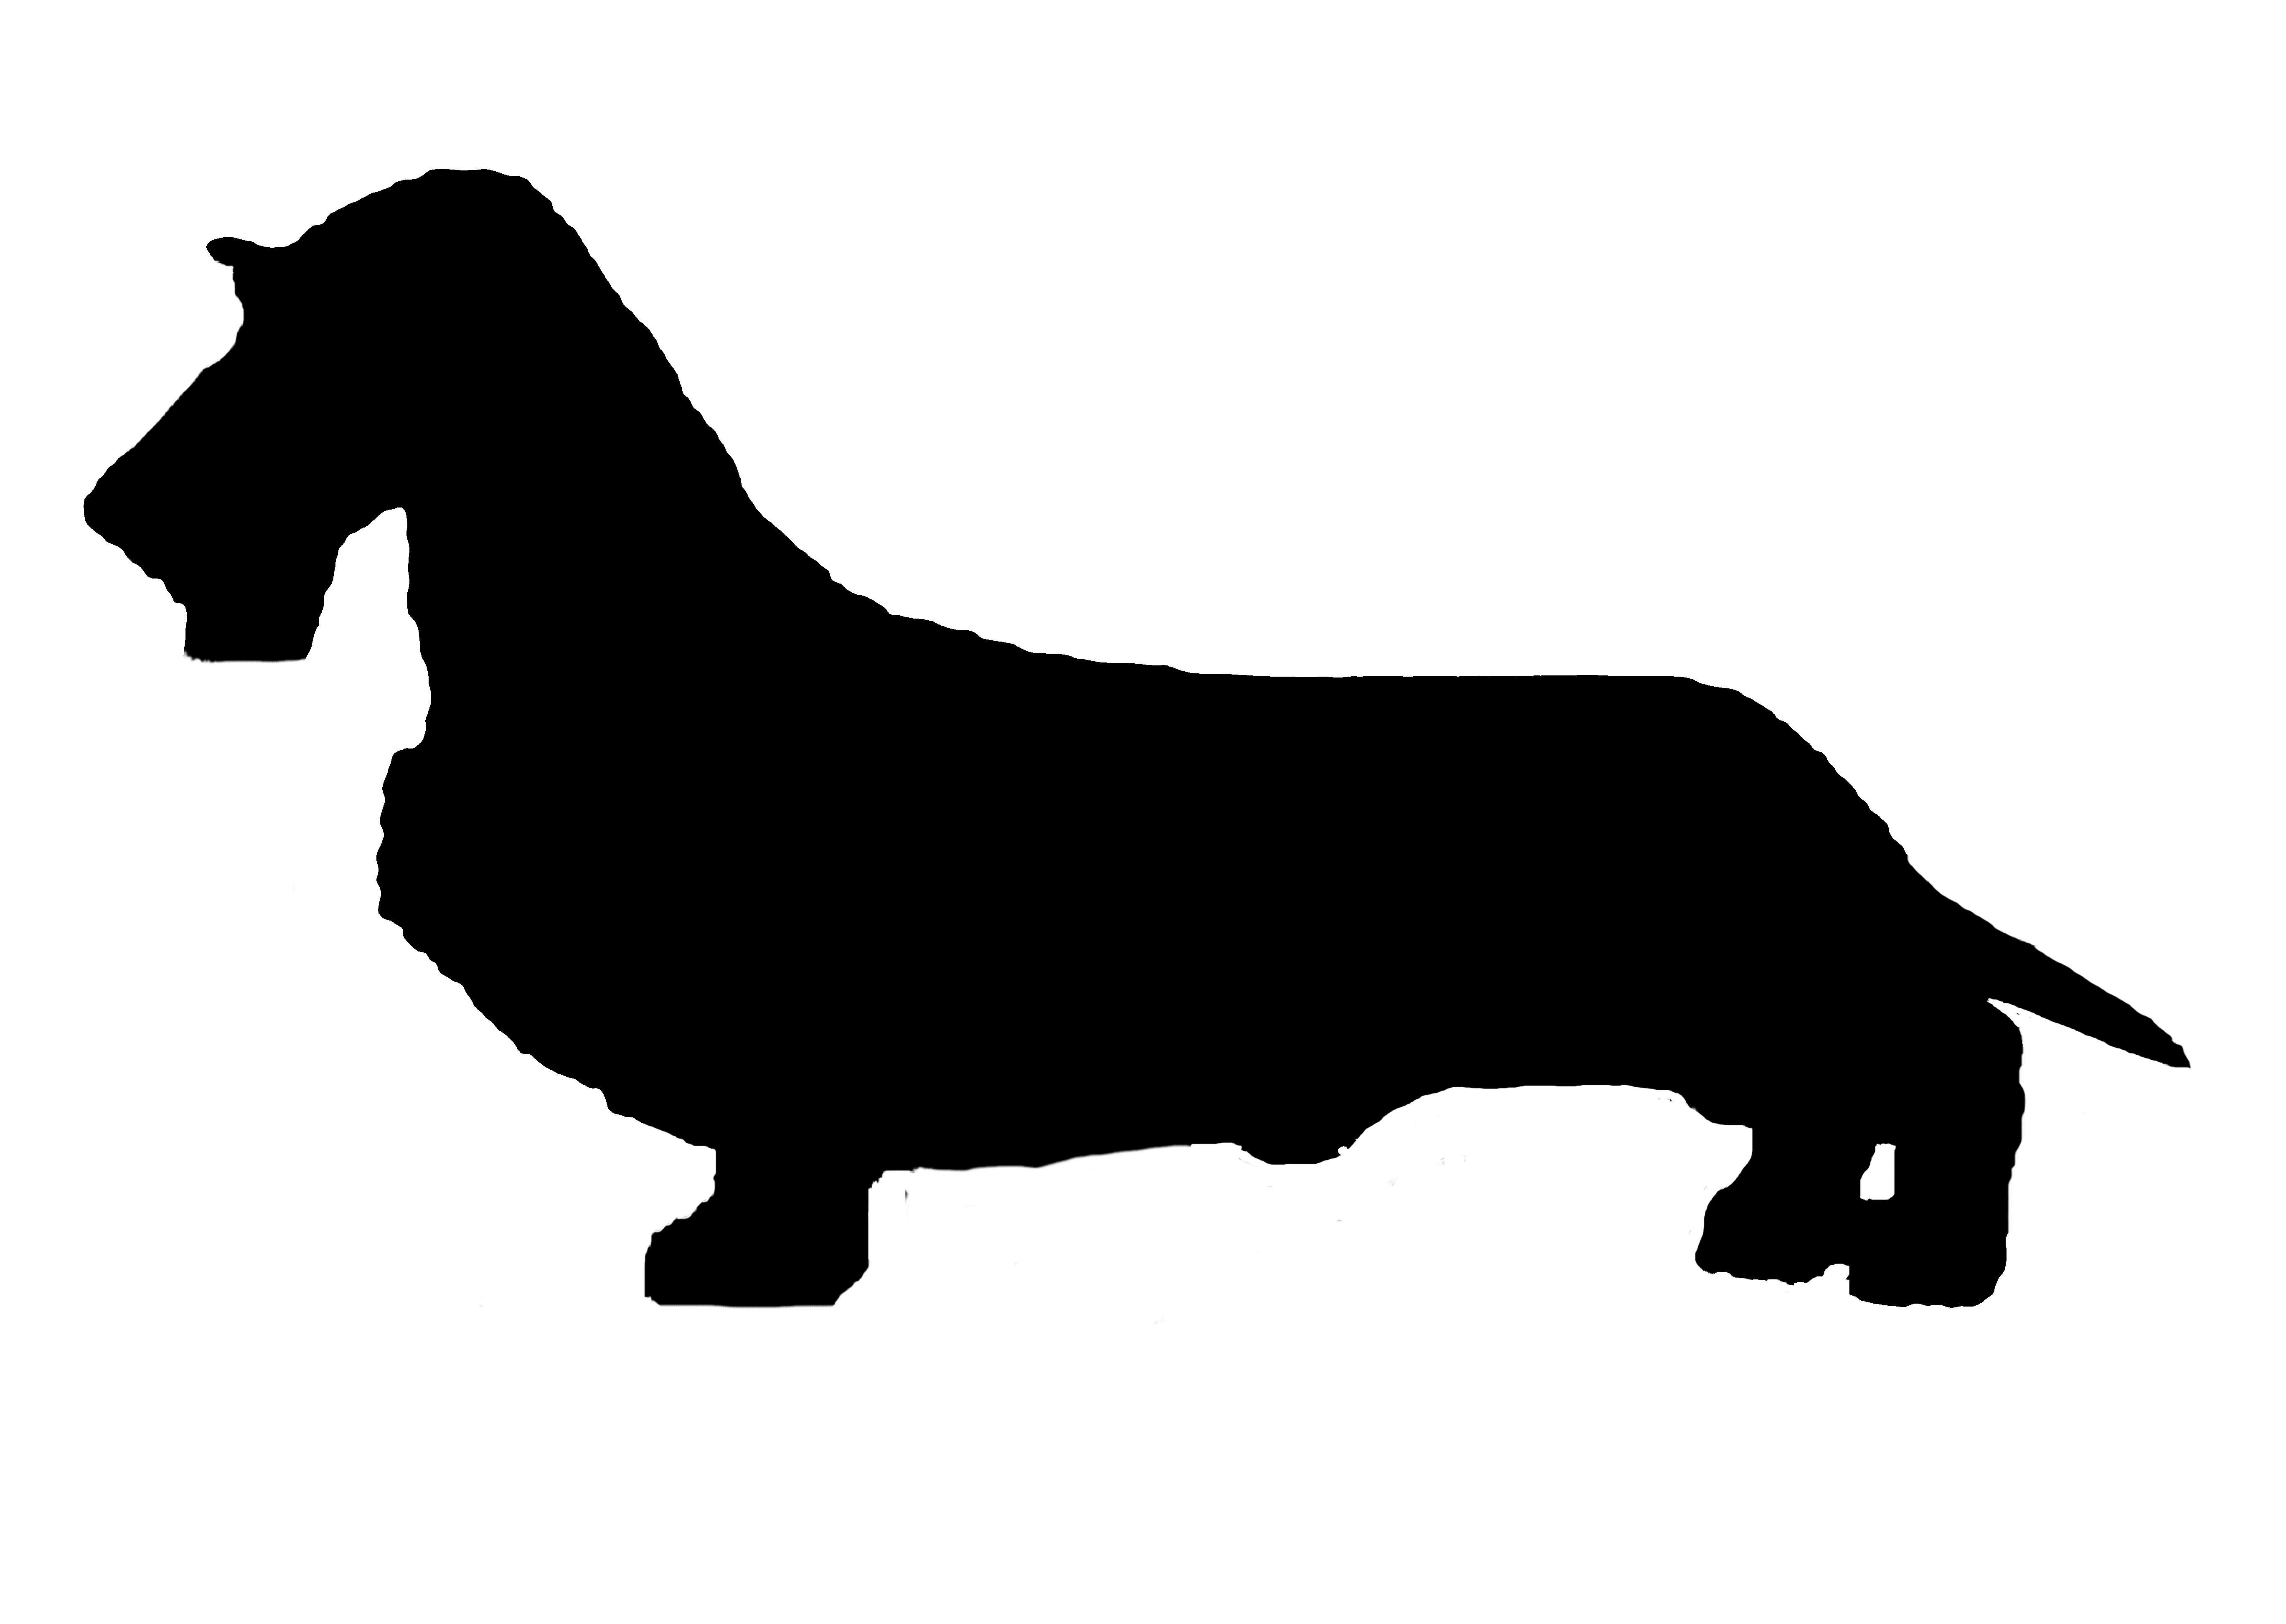 dachshund silhouette vinyl sticker decal